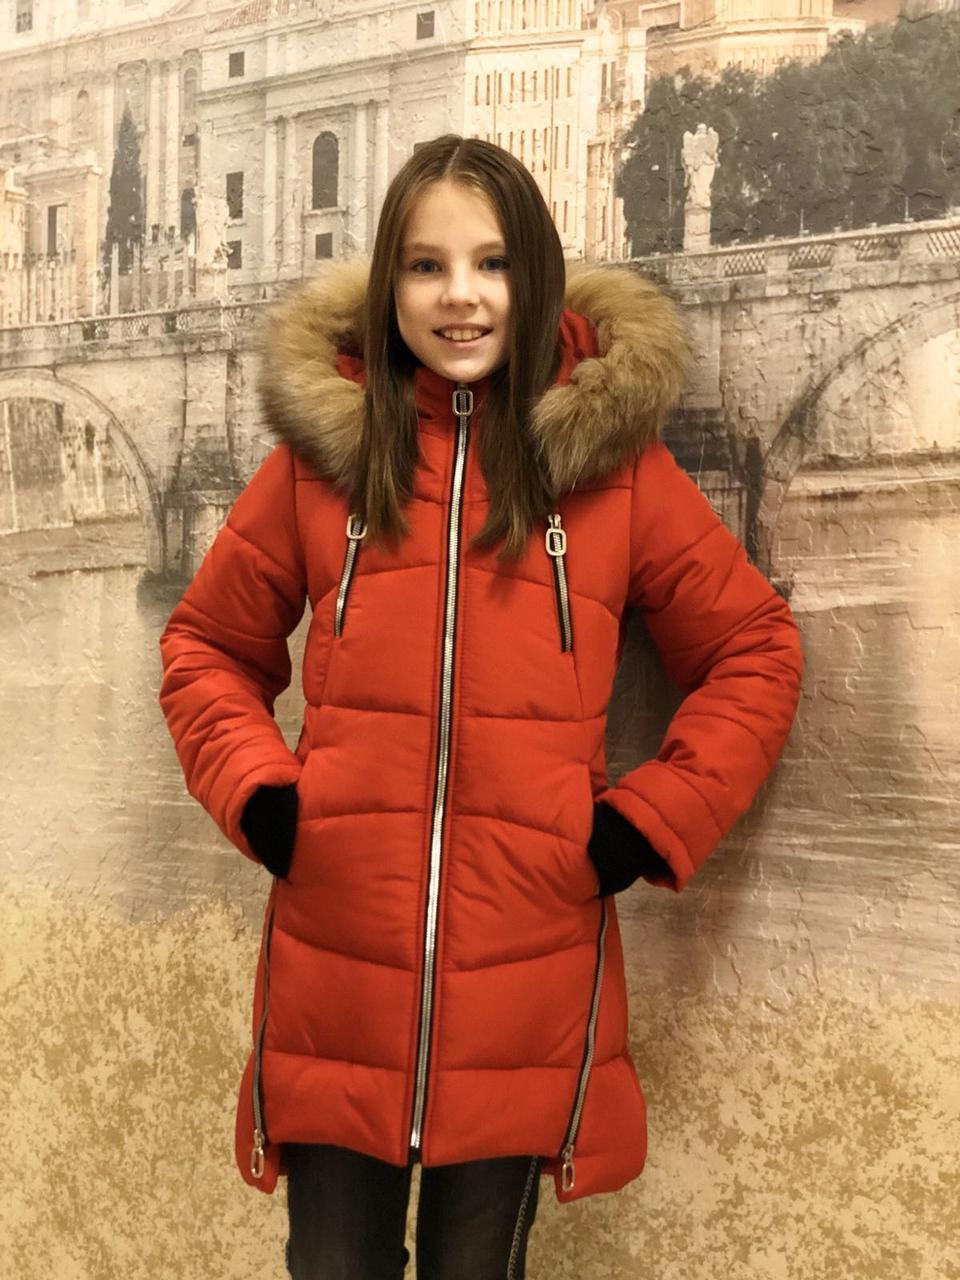 Детская одежда.  Пальто зимнее - Маргарет(красный)